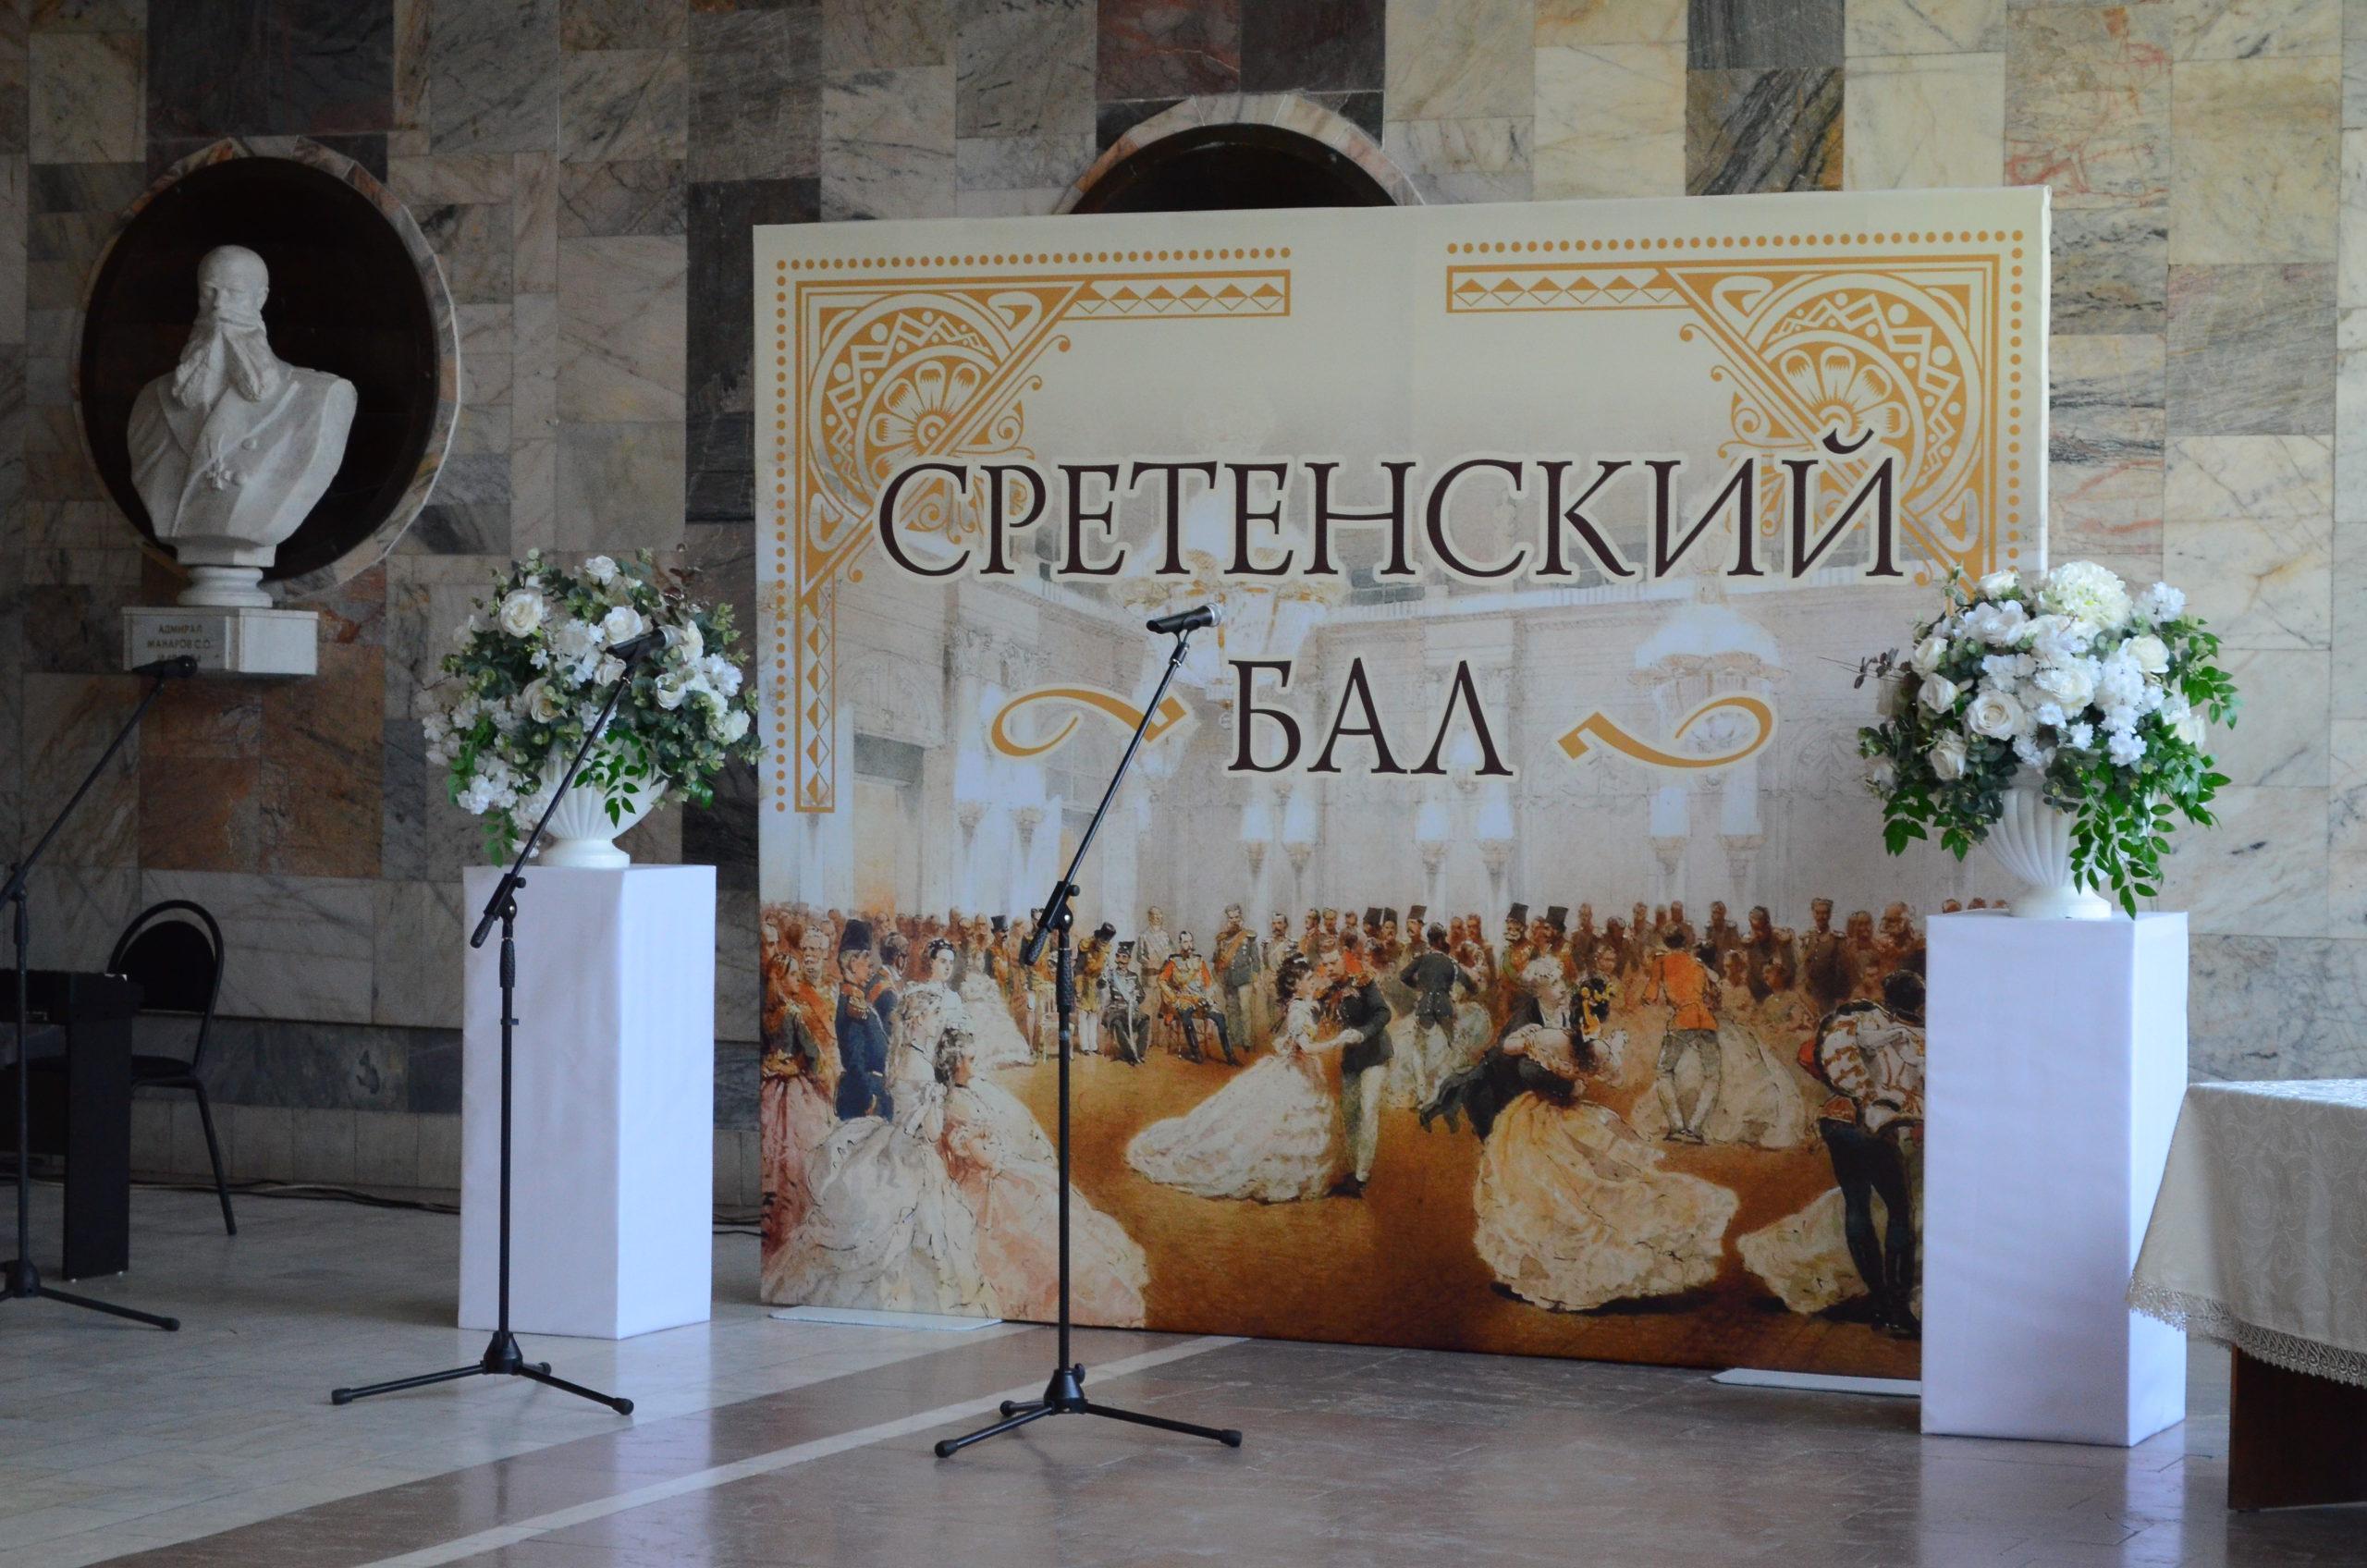 Сретенский бал 2020 в Новороссийске